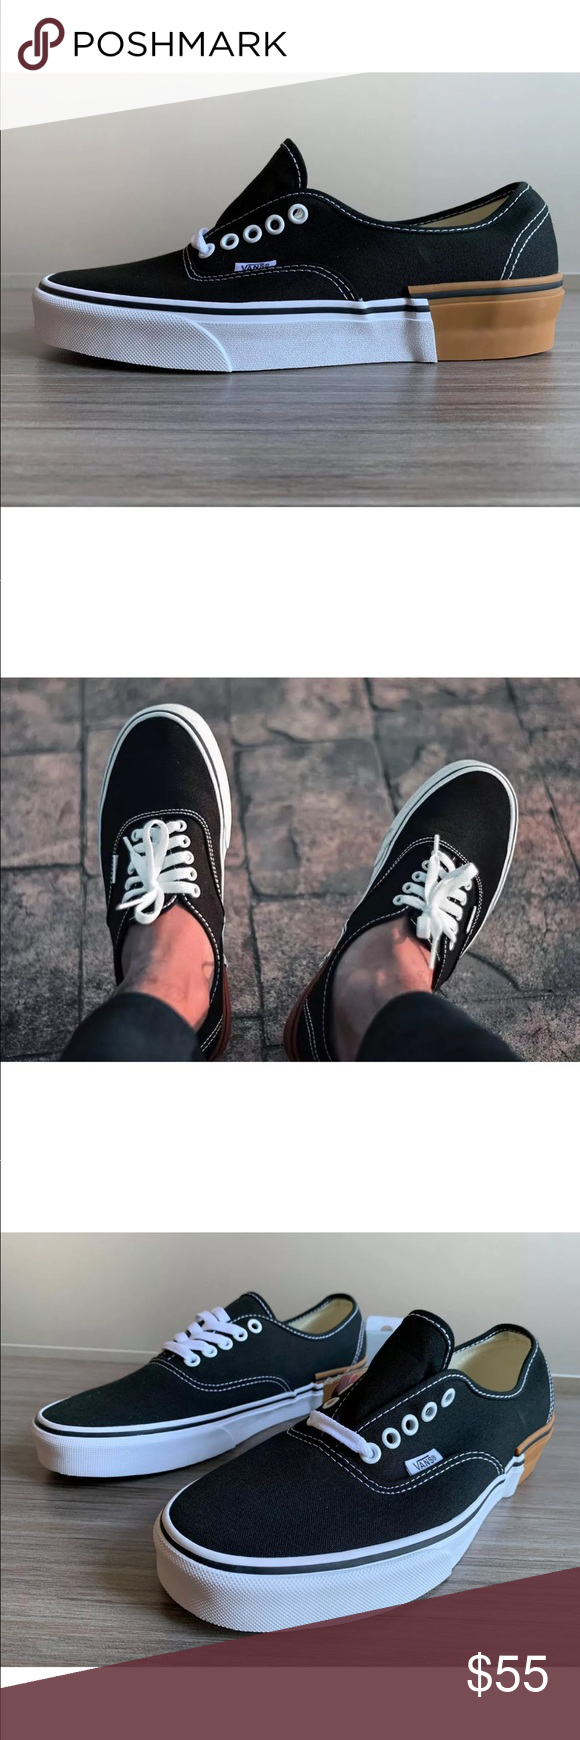 6fc1b522d8274d Vans Men s Authentic Gum Block Black NEW VANS AUTHENTIC SKATE SHOES SIZE  MEN S 11 M(MEDIUM) COLOR GUM BLOCK BLACK WHITE Vans Shoes Sneakers